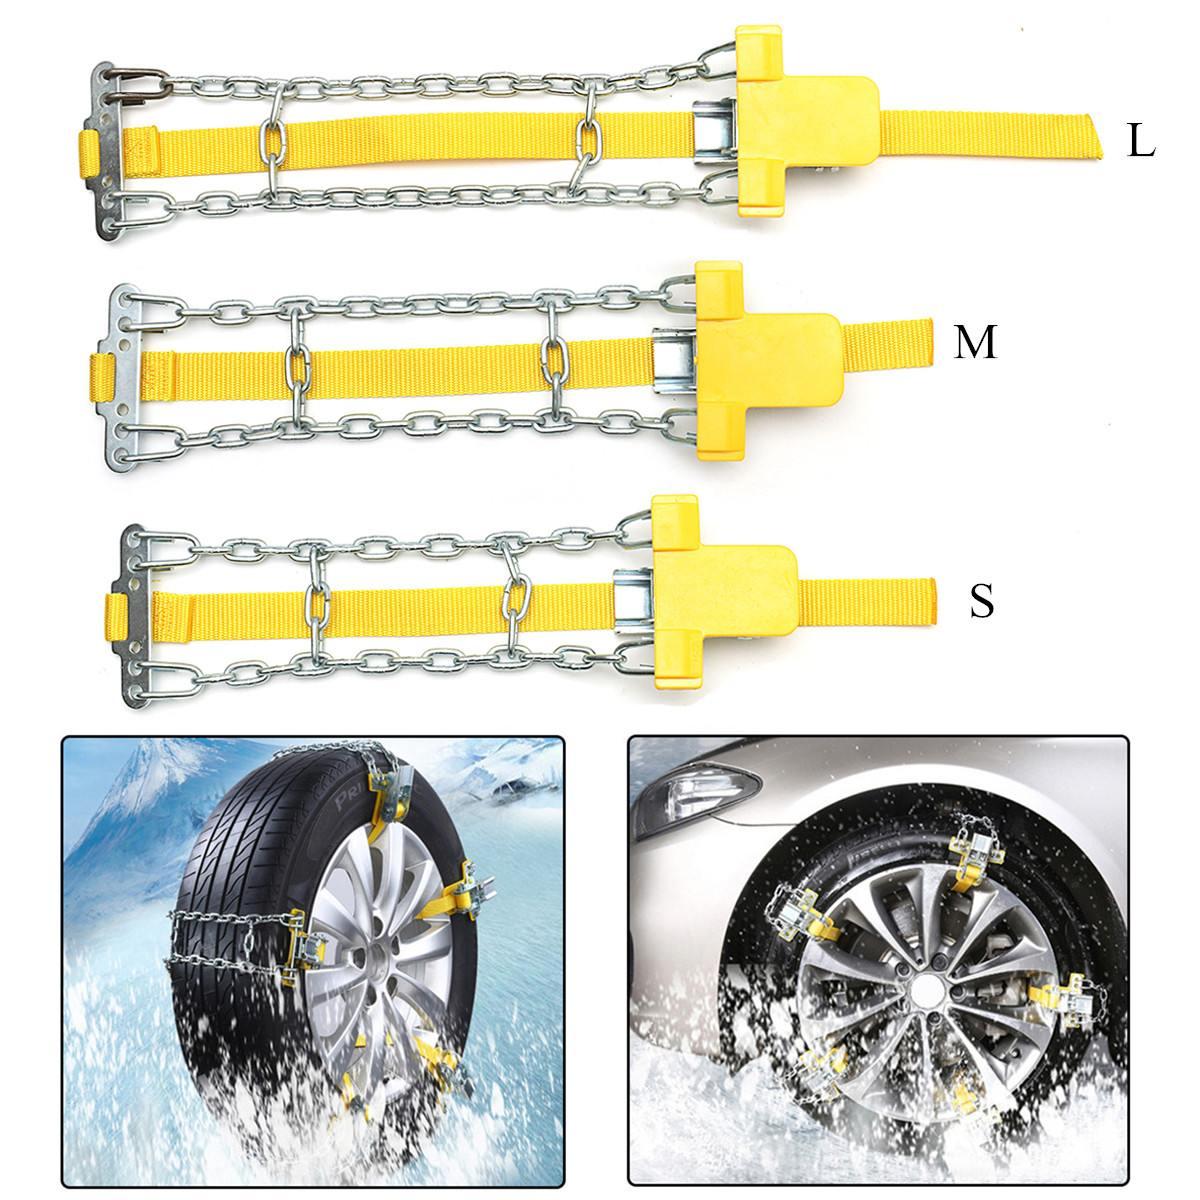 Araba Oto kaymaz kar zincirleri Manganez Çelik Araba Lastiği Kemer Kar Çamur Kum Lastik Clip-on Zinciri buz/Kar/Çamur Yollar S/M